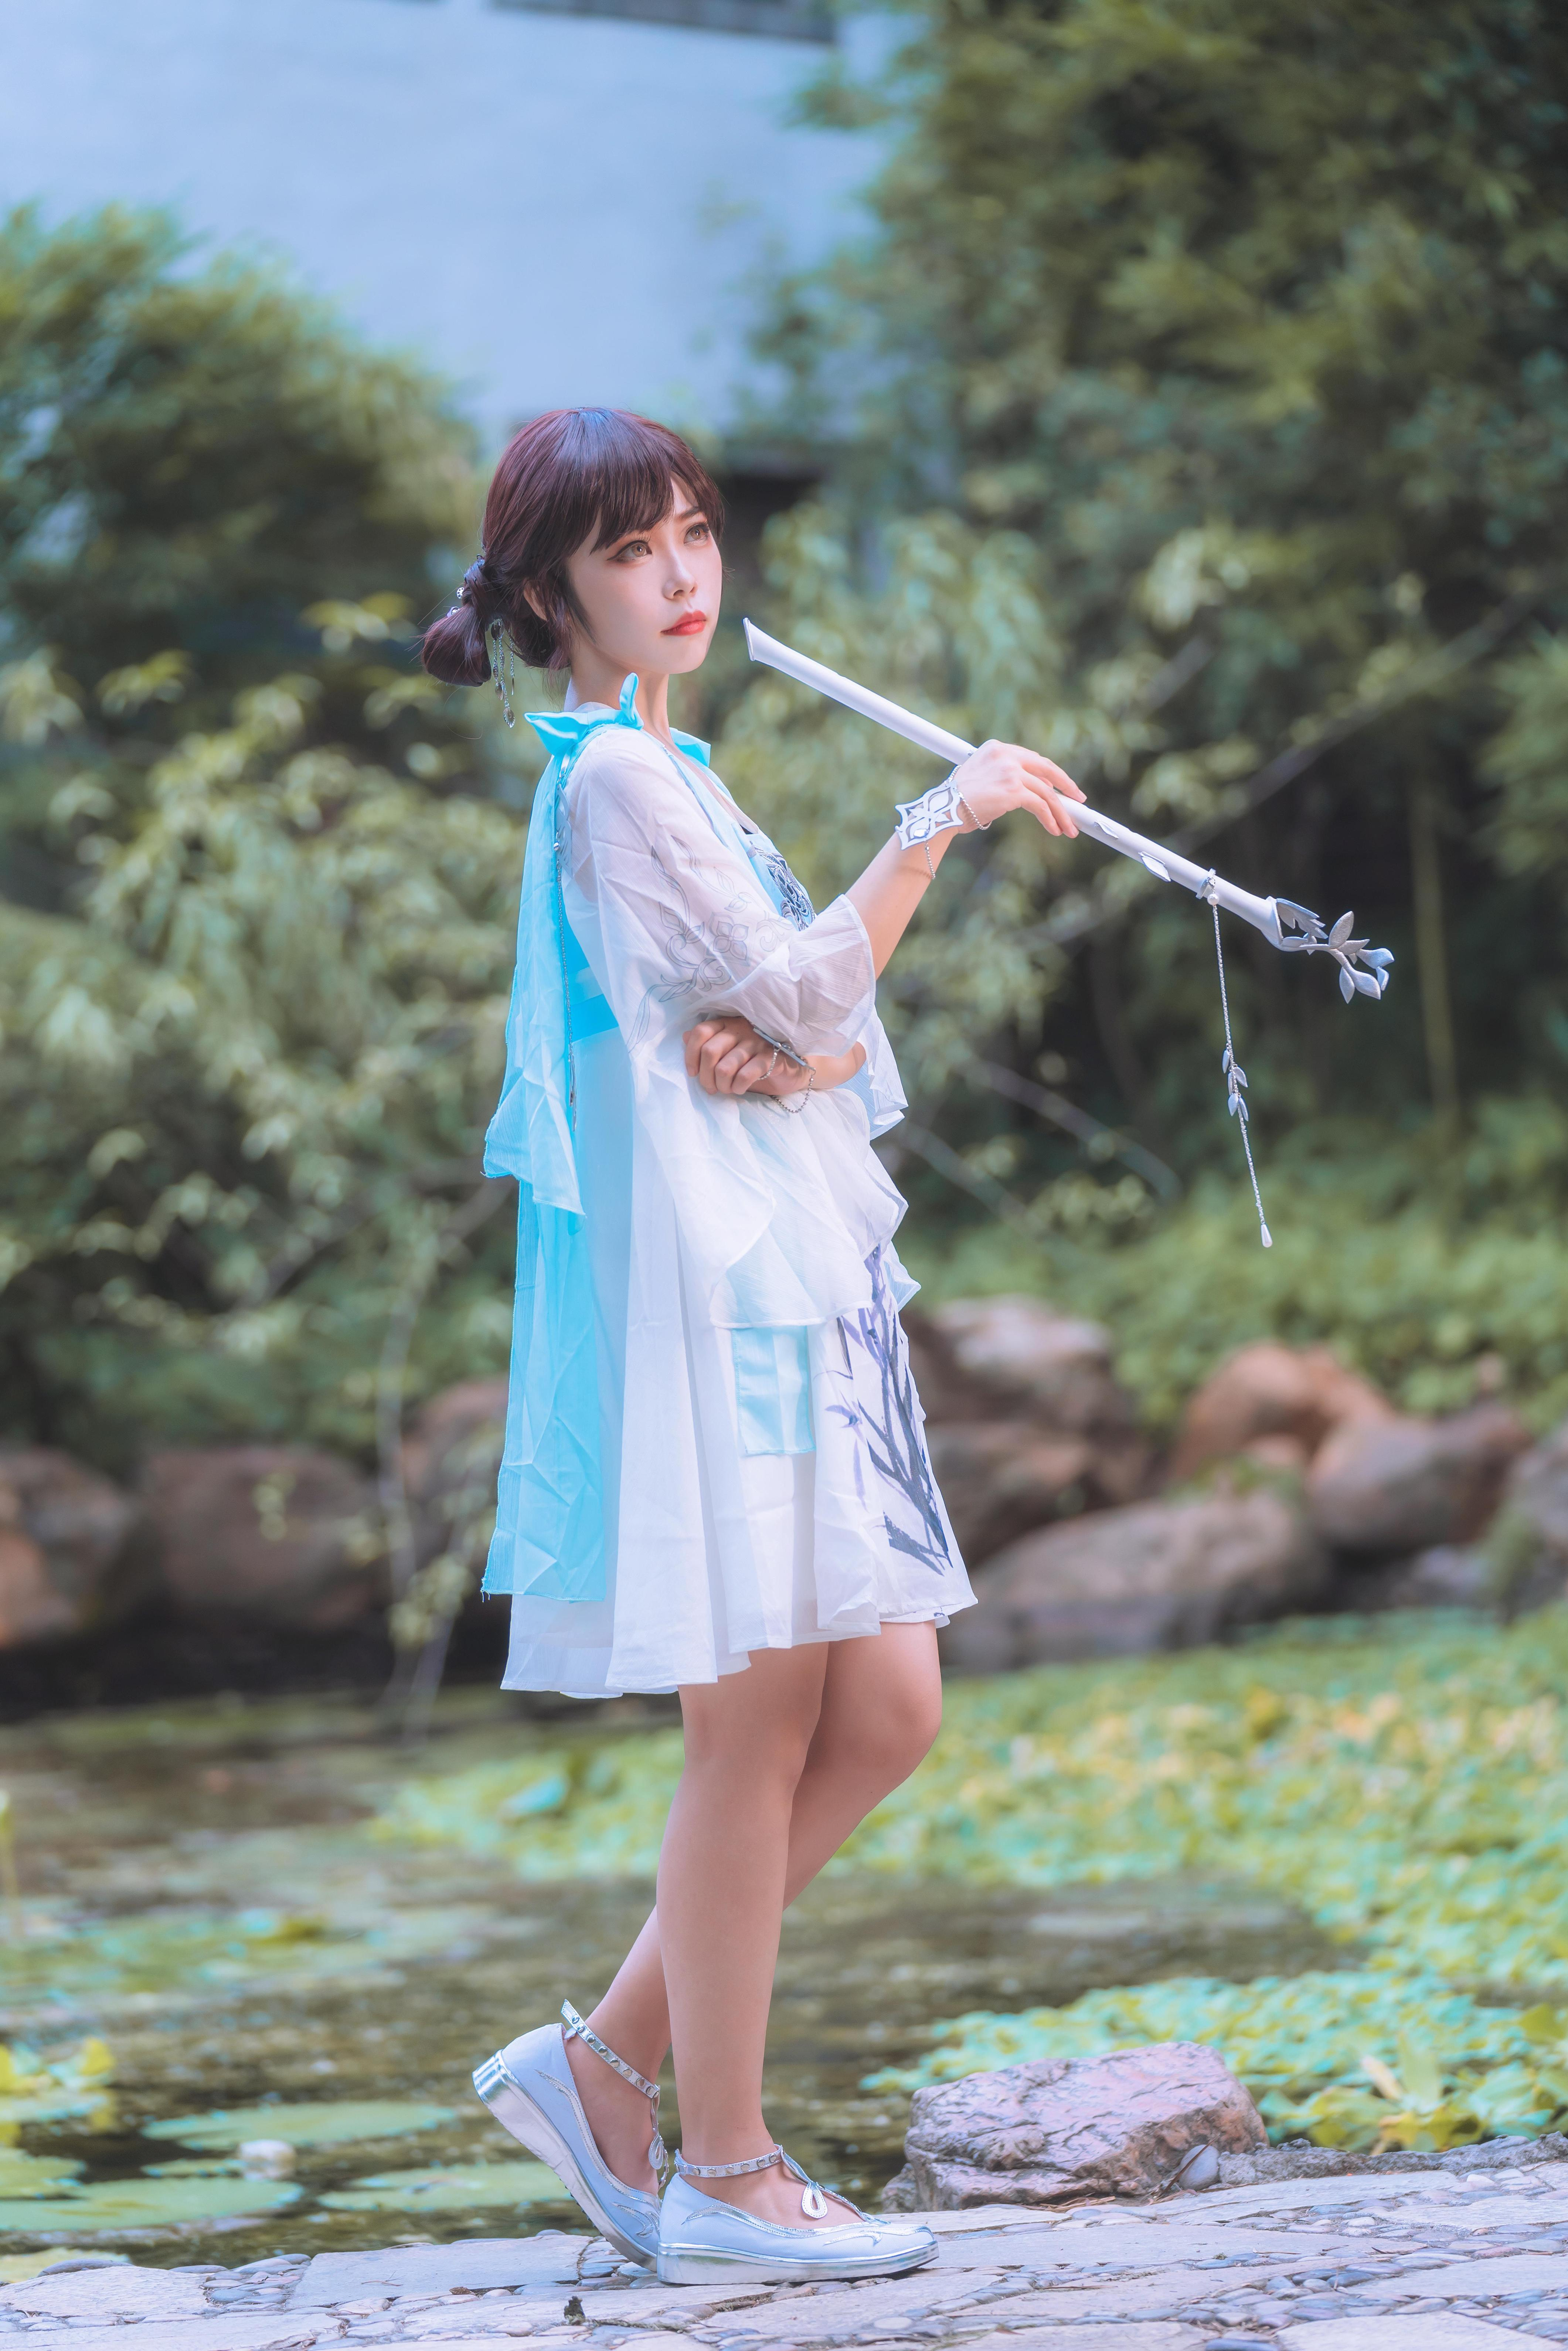 天涯明月刀cosplay【CN:阿瑾十三】-第4张